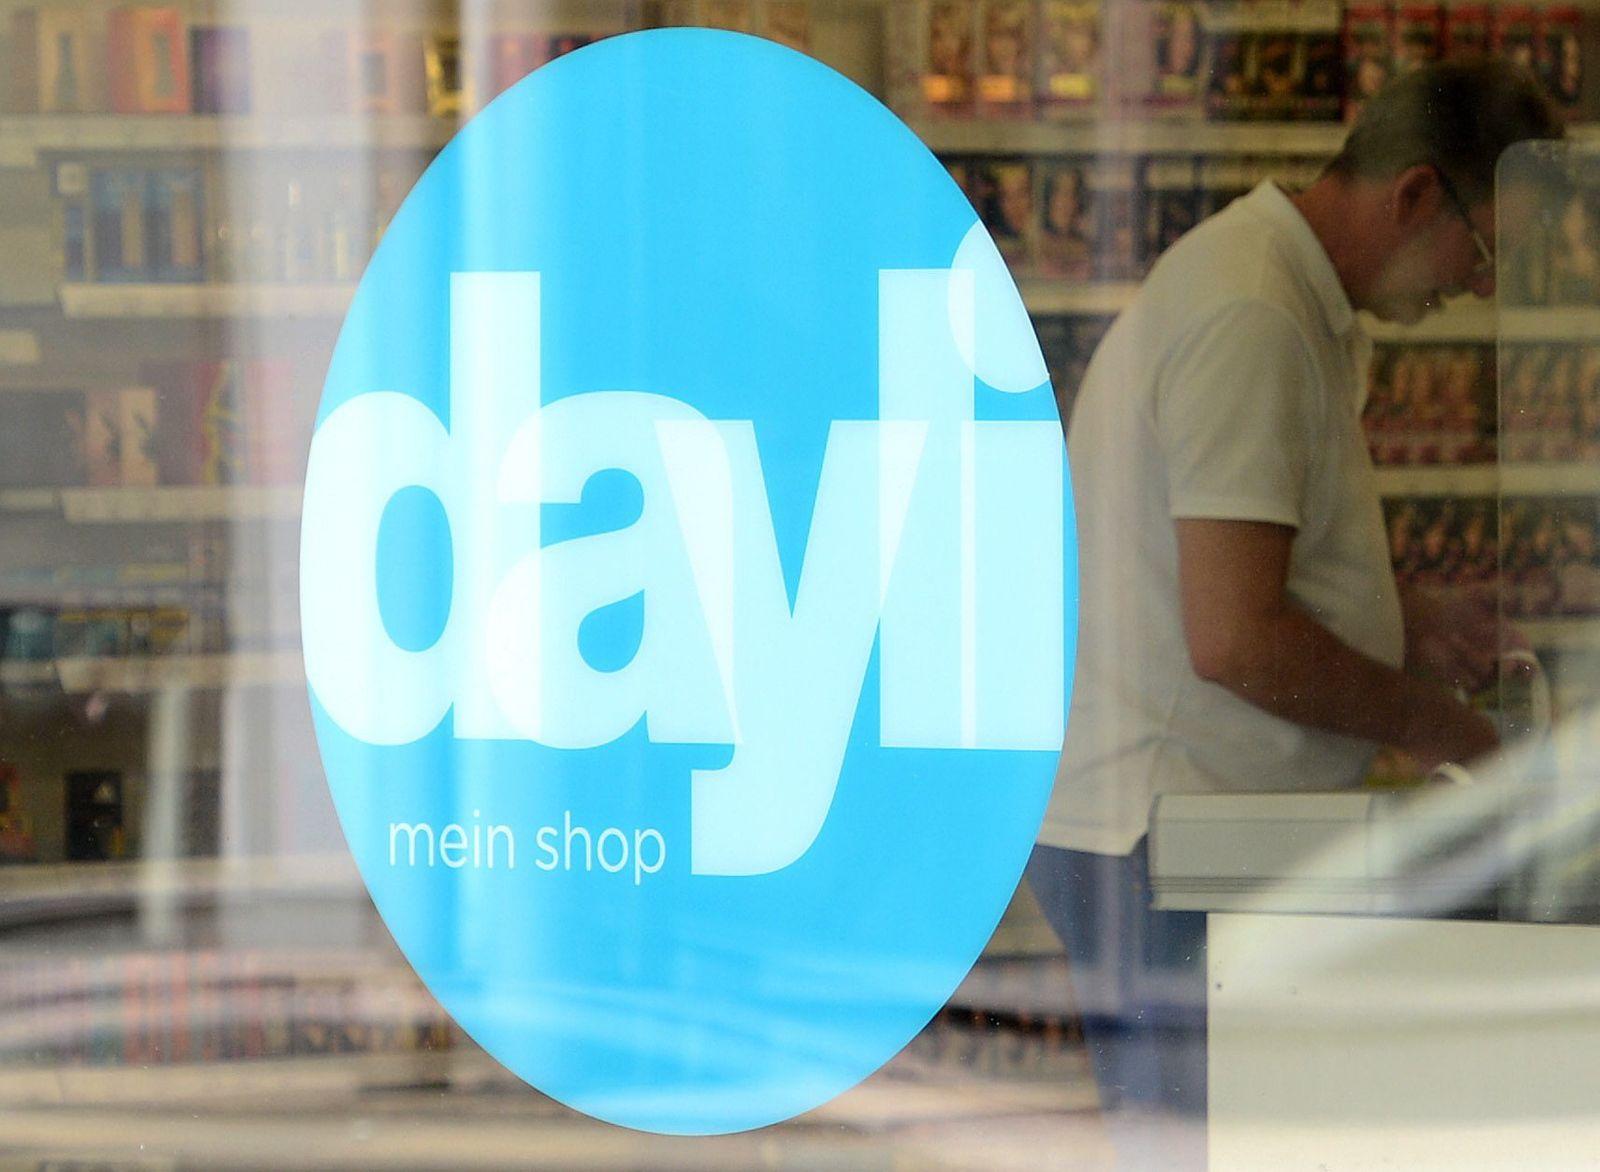 Dayli / Drogeriemarkt